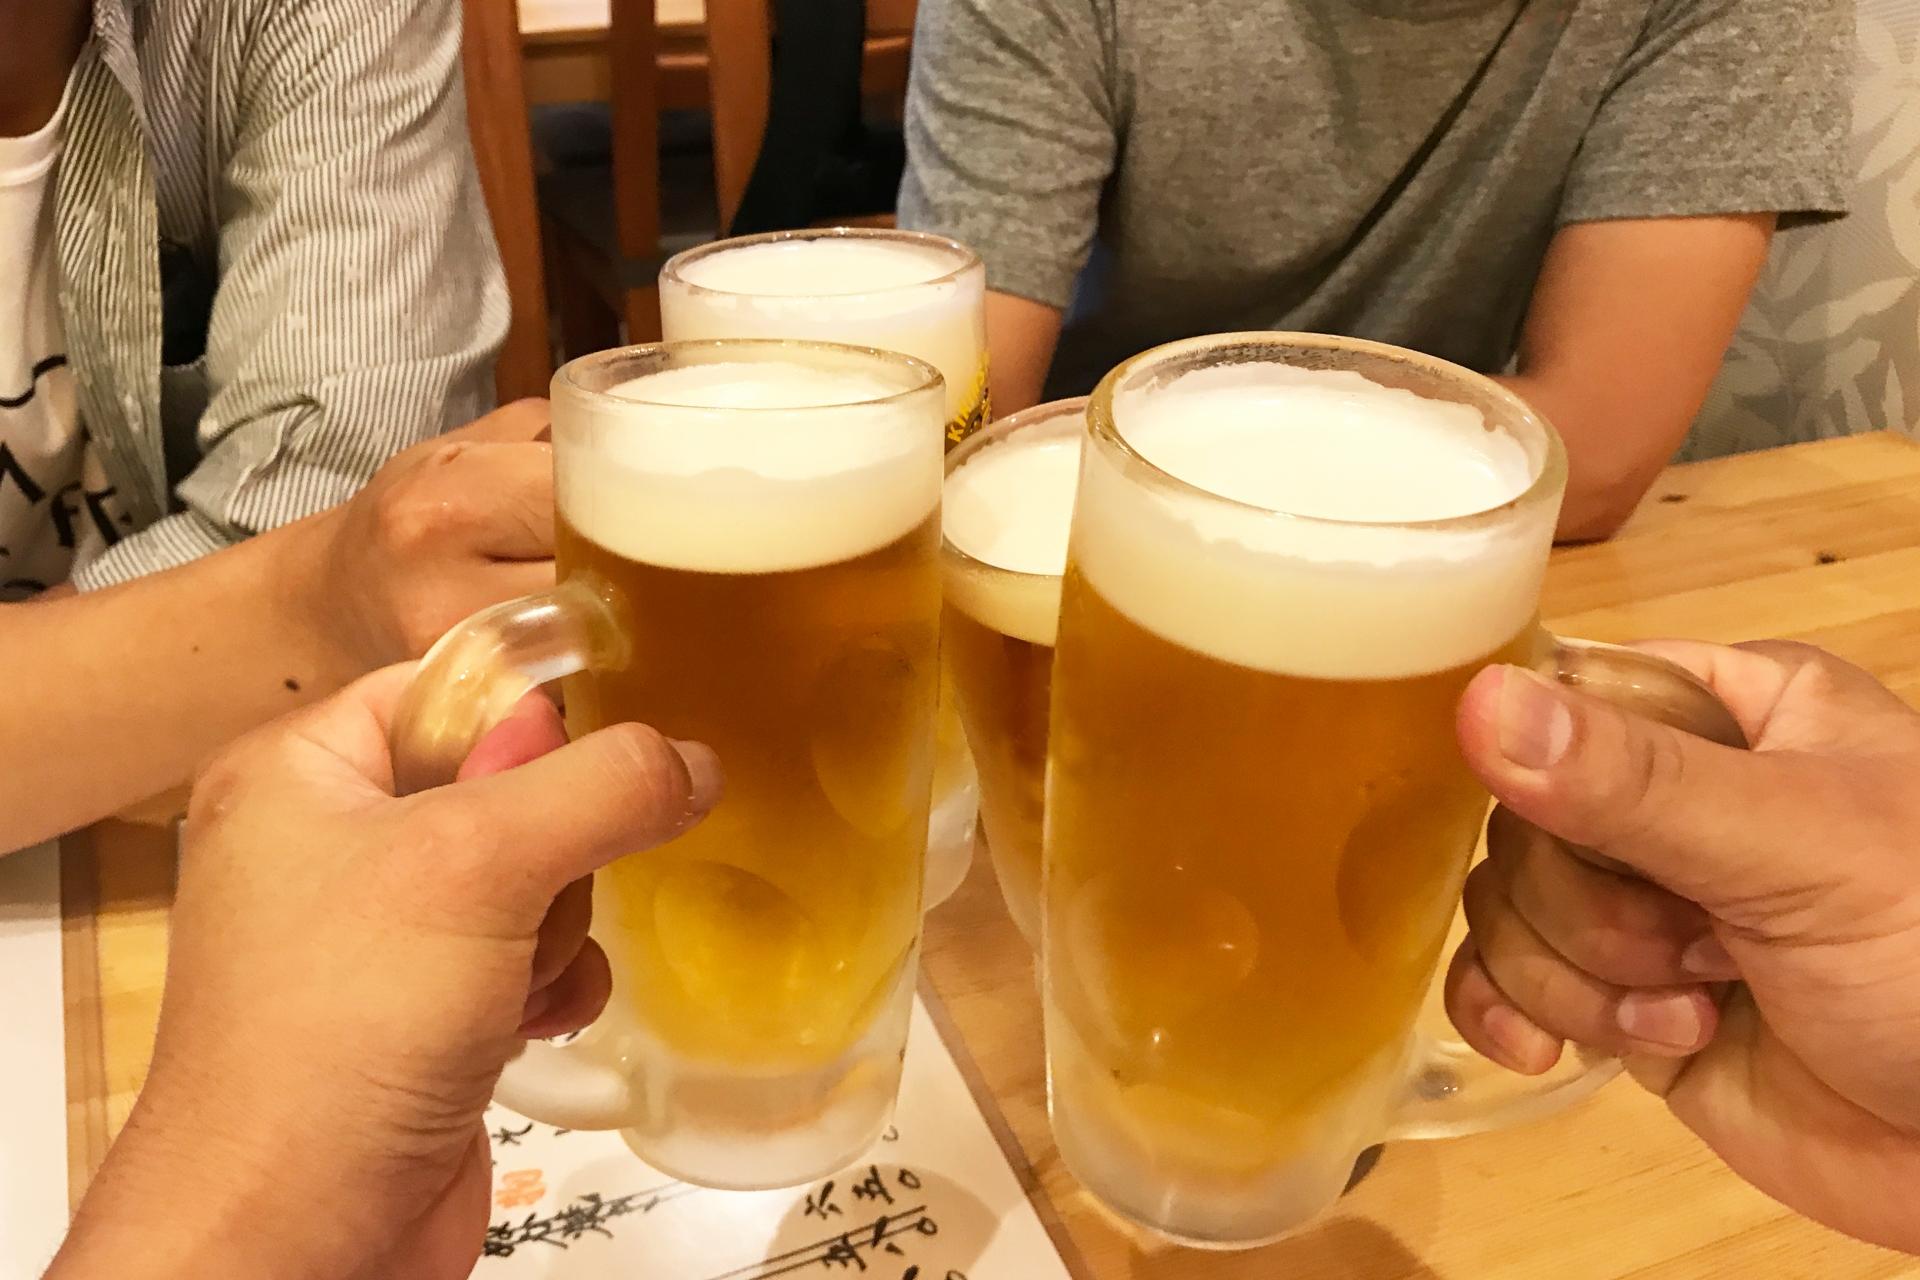 二日酔い対策にはやっぱりウコン!?効果的な服用はお酒を飲む前or飲んだ後?